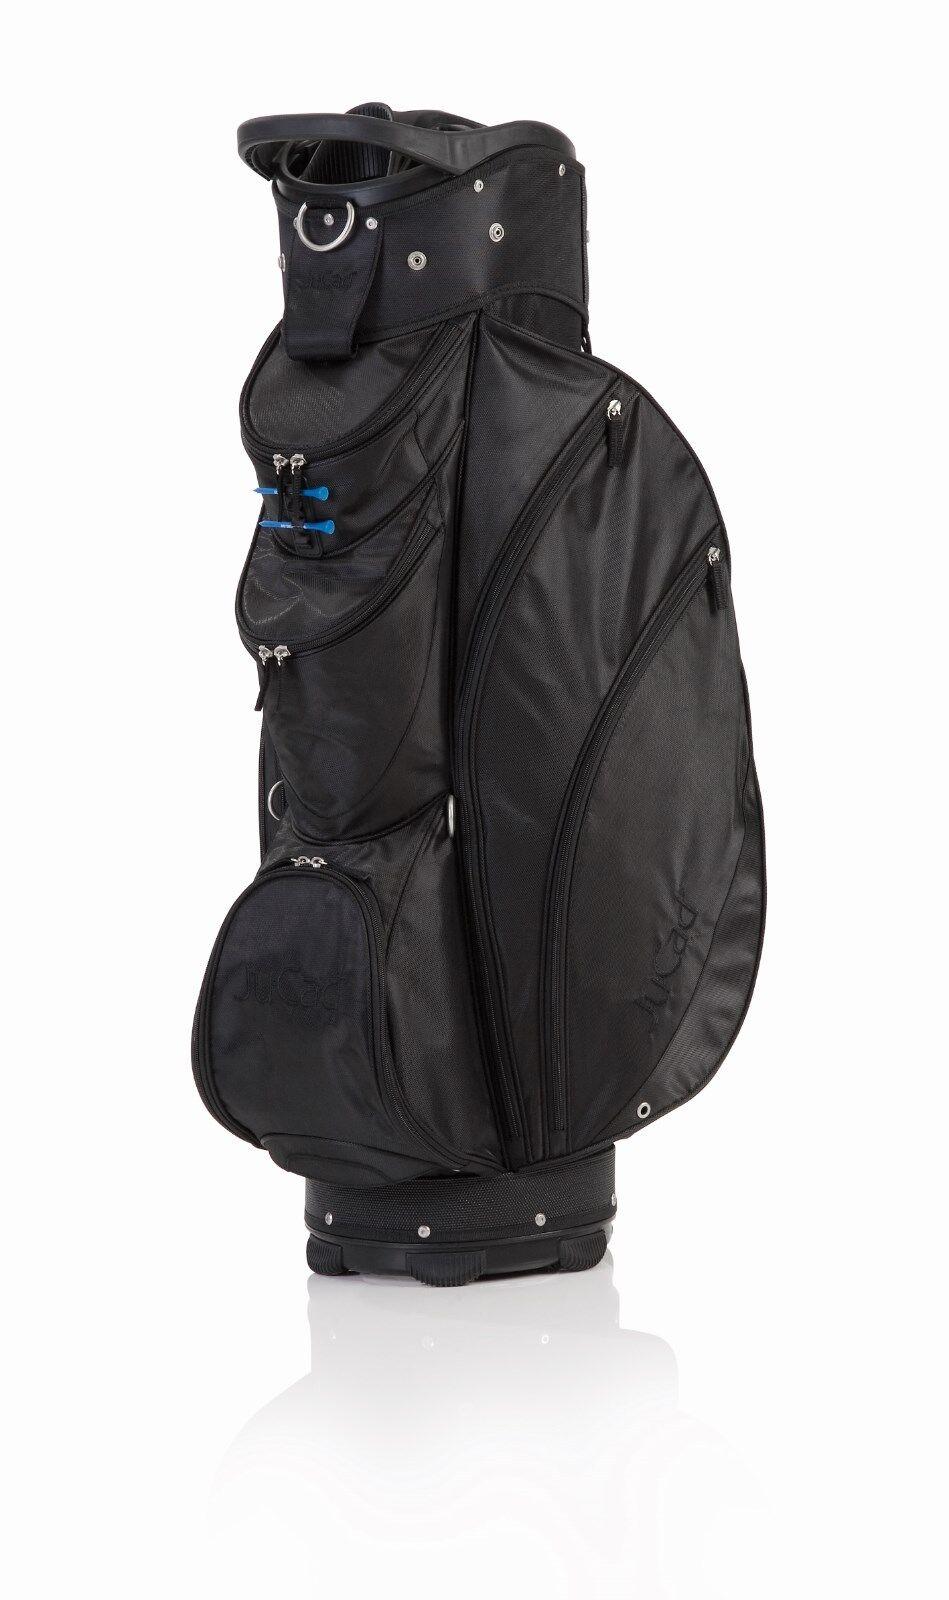 Jucad Organizer Spirit-extra ligero con clip  sistema-Color  negro, nuevo   bajo precio